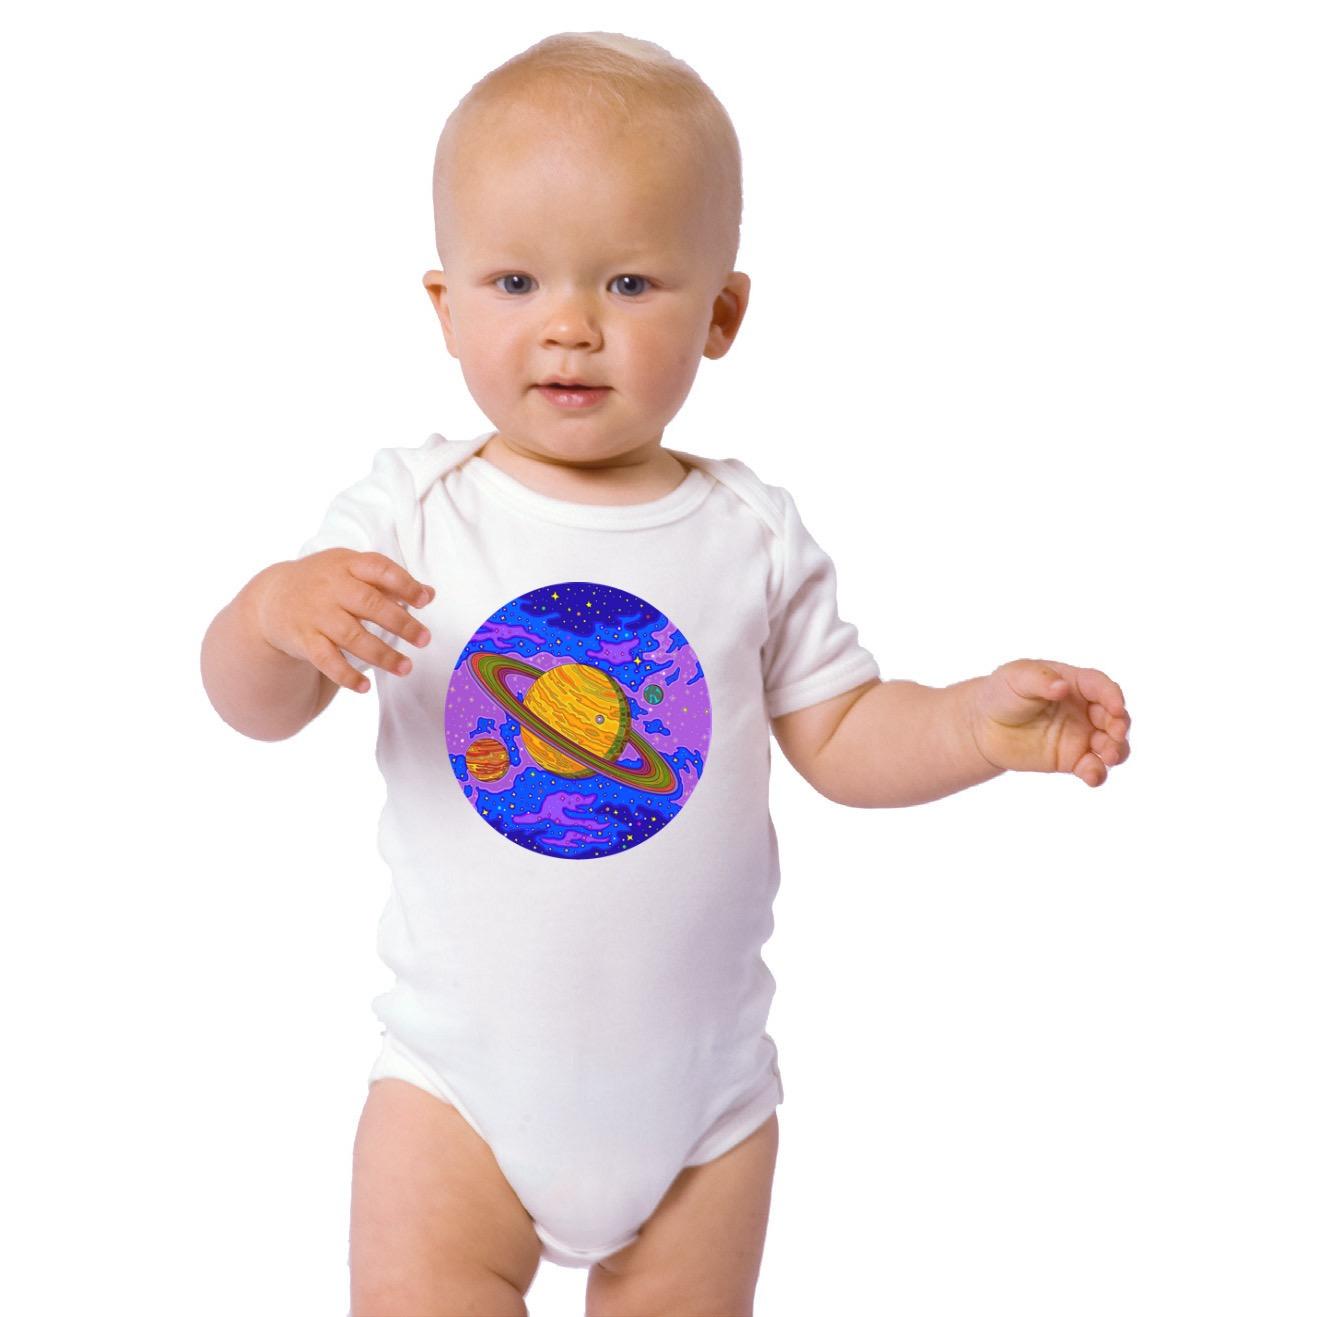 Baby-Onesie copy 12.jpg